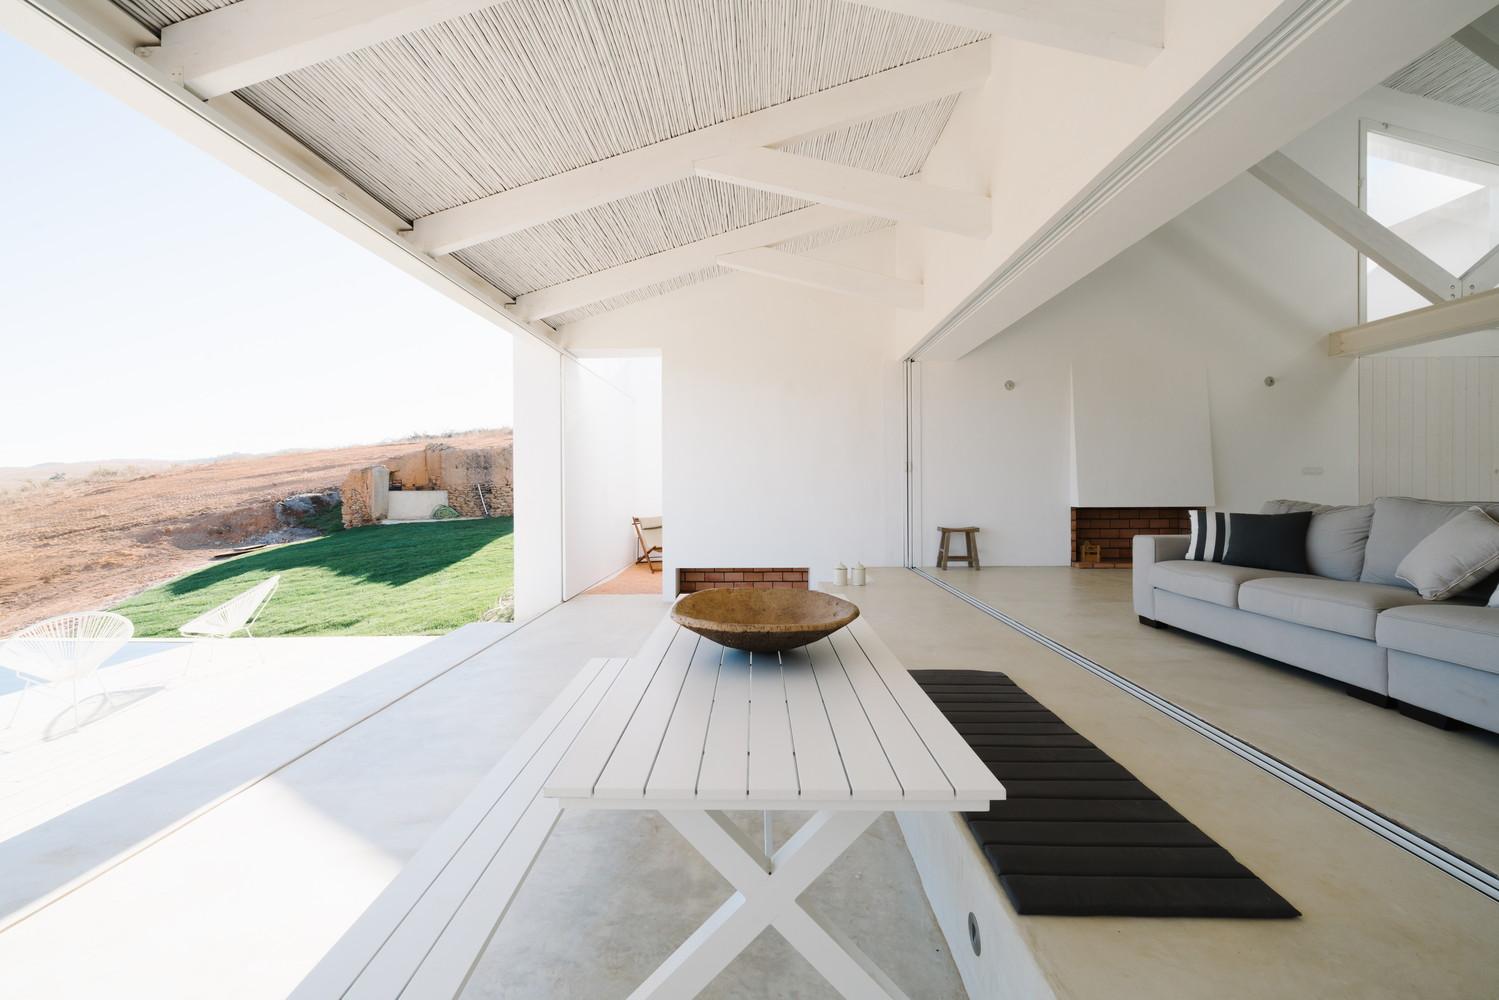 A sala de estar, aberta para o pátio